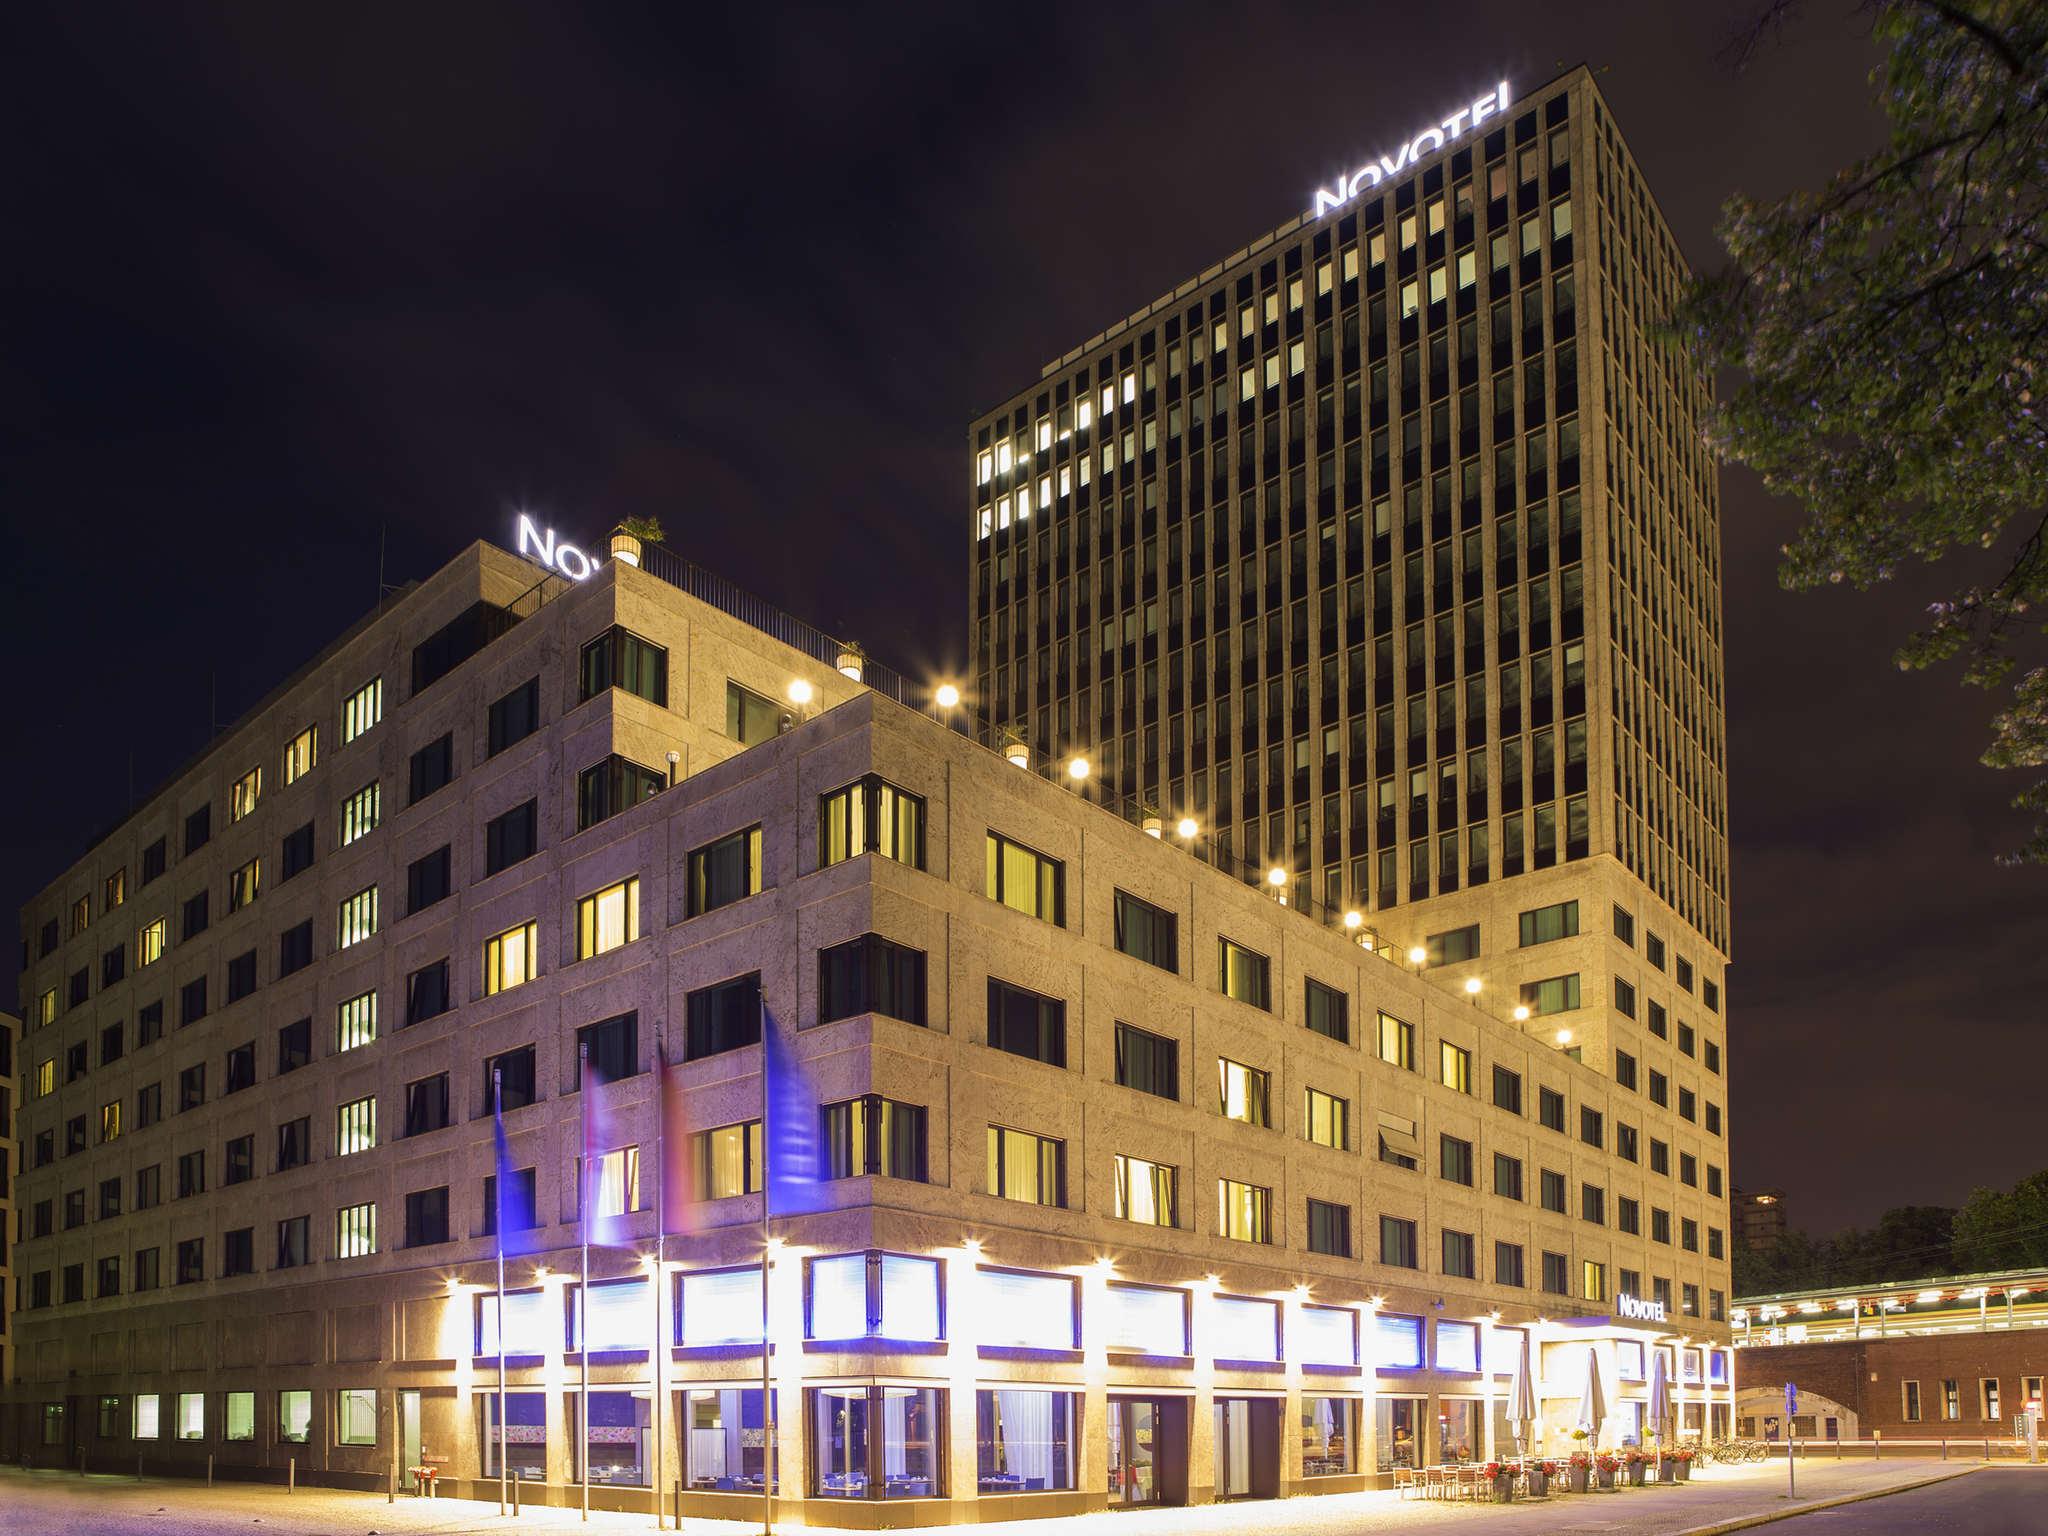 فندق - نوفوتيل Novotel برلين أم تيارغارتين